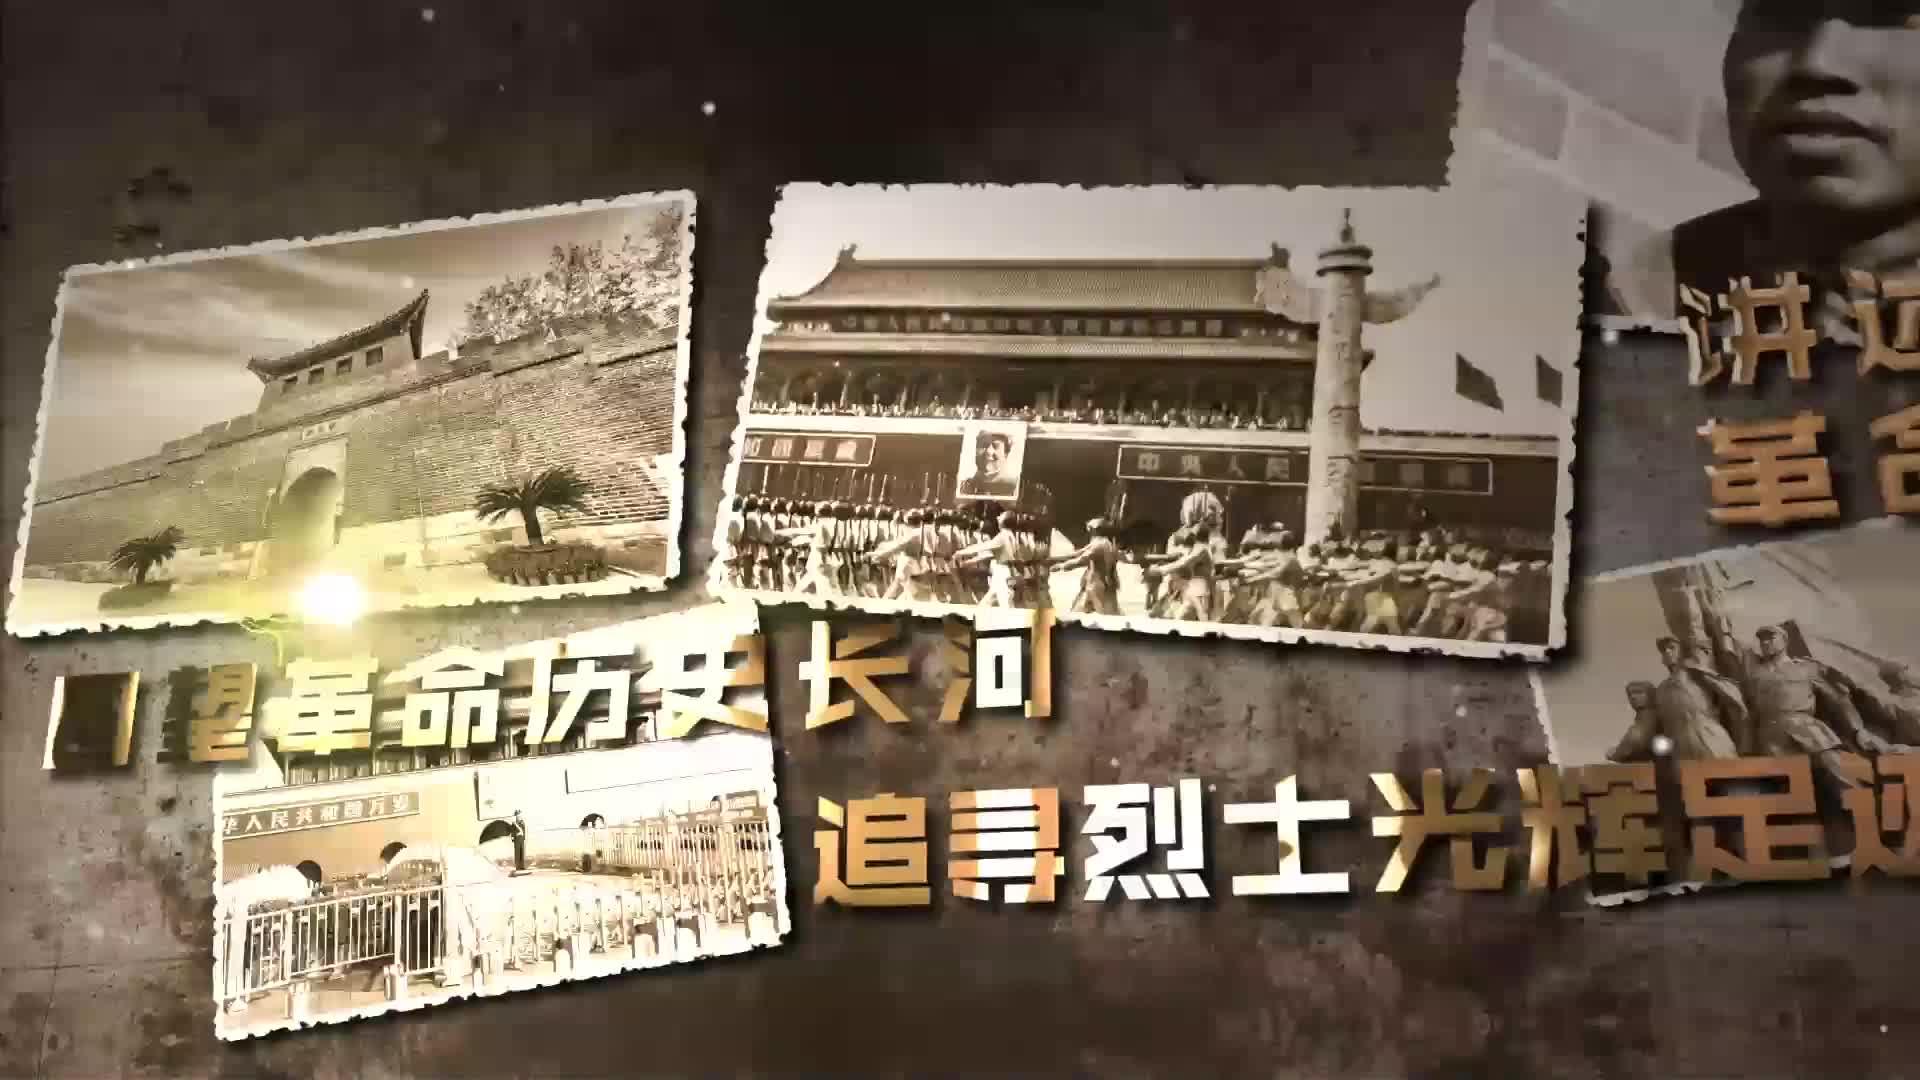 系列短视频《最是磨难砺初心》(七)蔡申熙:身处逆境永向党